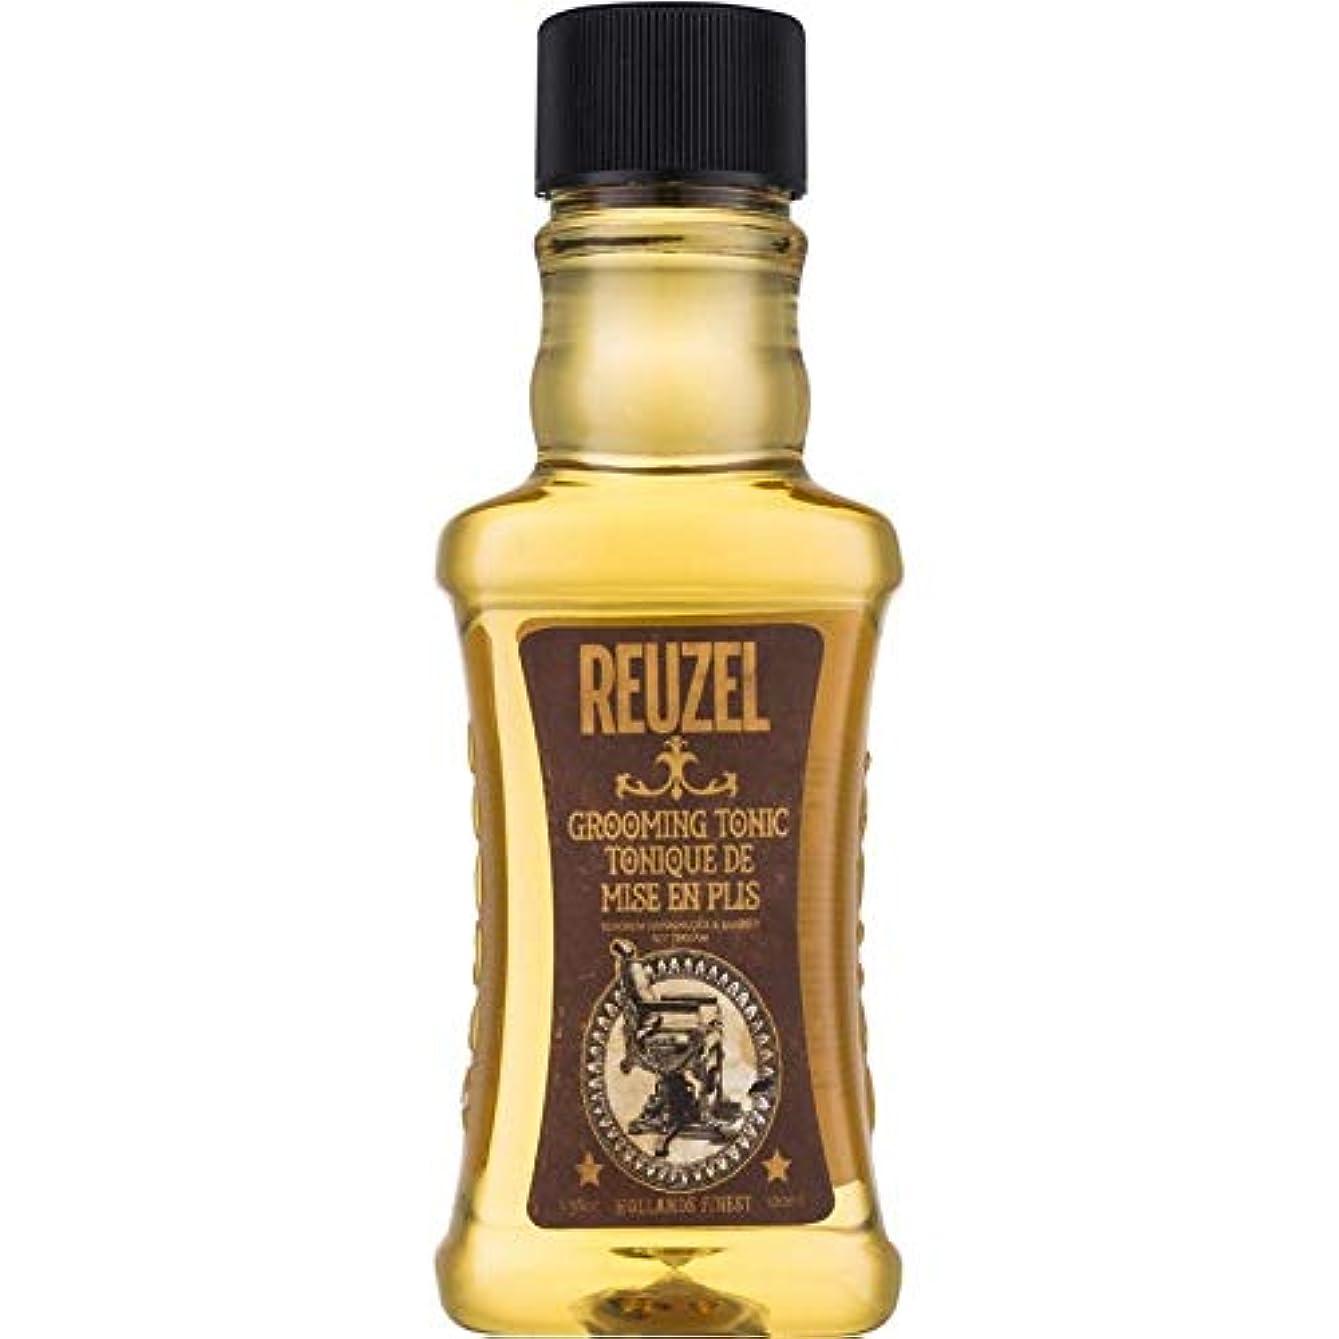 同時接続詞居心地の良いルーゾー グルーミング トニック Reuzel Grooming Tonic 100 ml [並行輸入品]